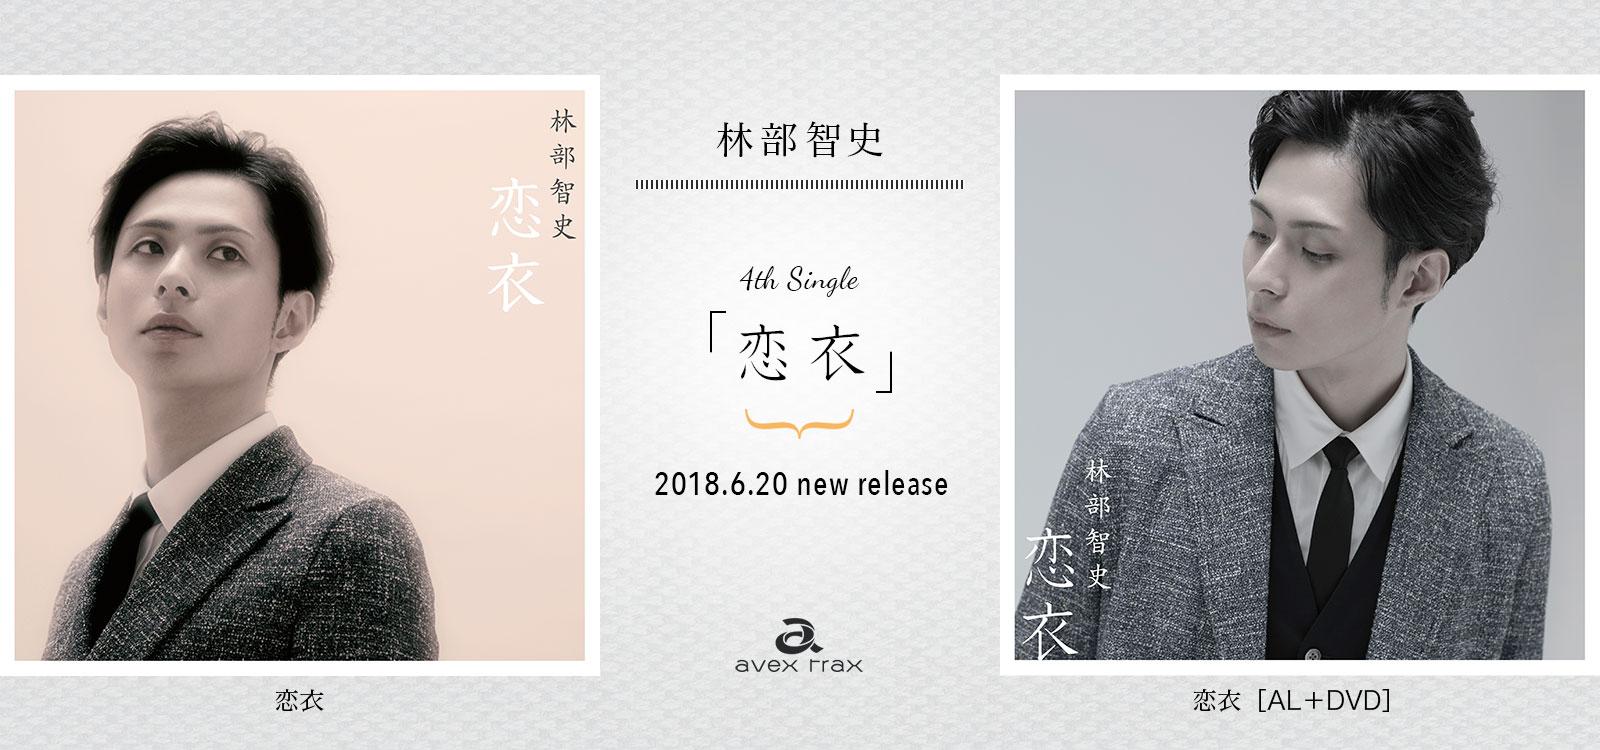 4thシングル「恋衣」